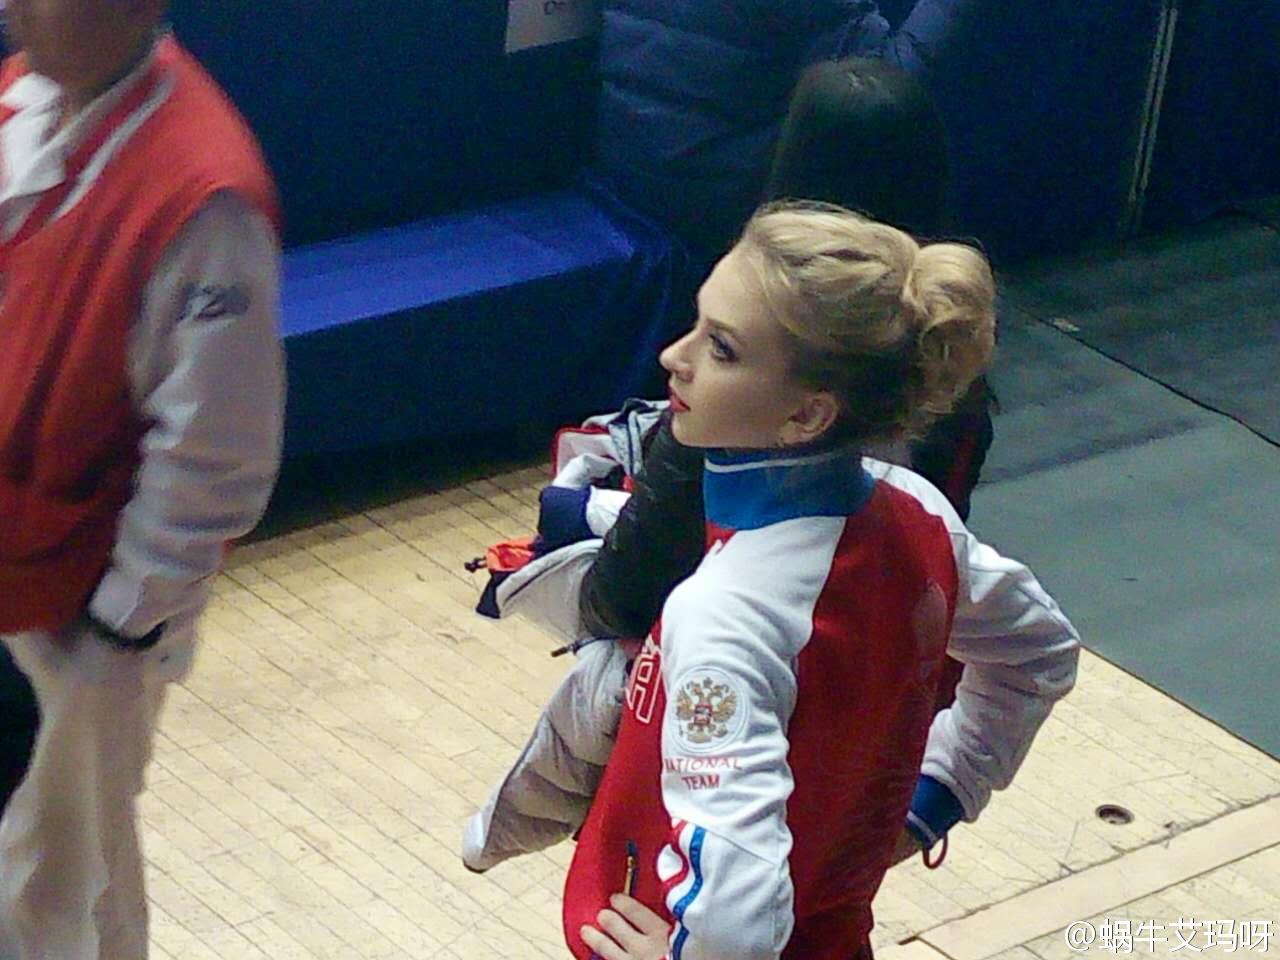 Виктория Синицина - Никита Кацалапов - 5 - Страница 39 6388245ejw1f9vc7xb86jj20zk0qotg1